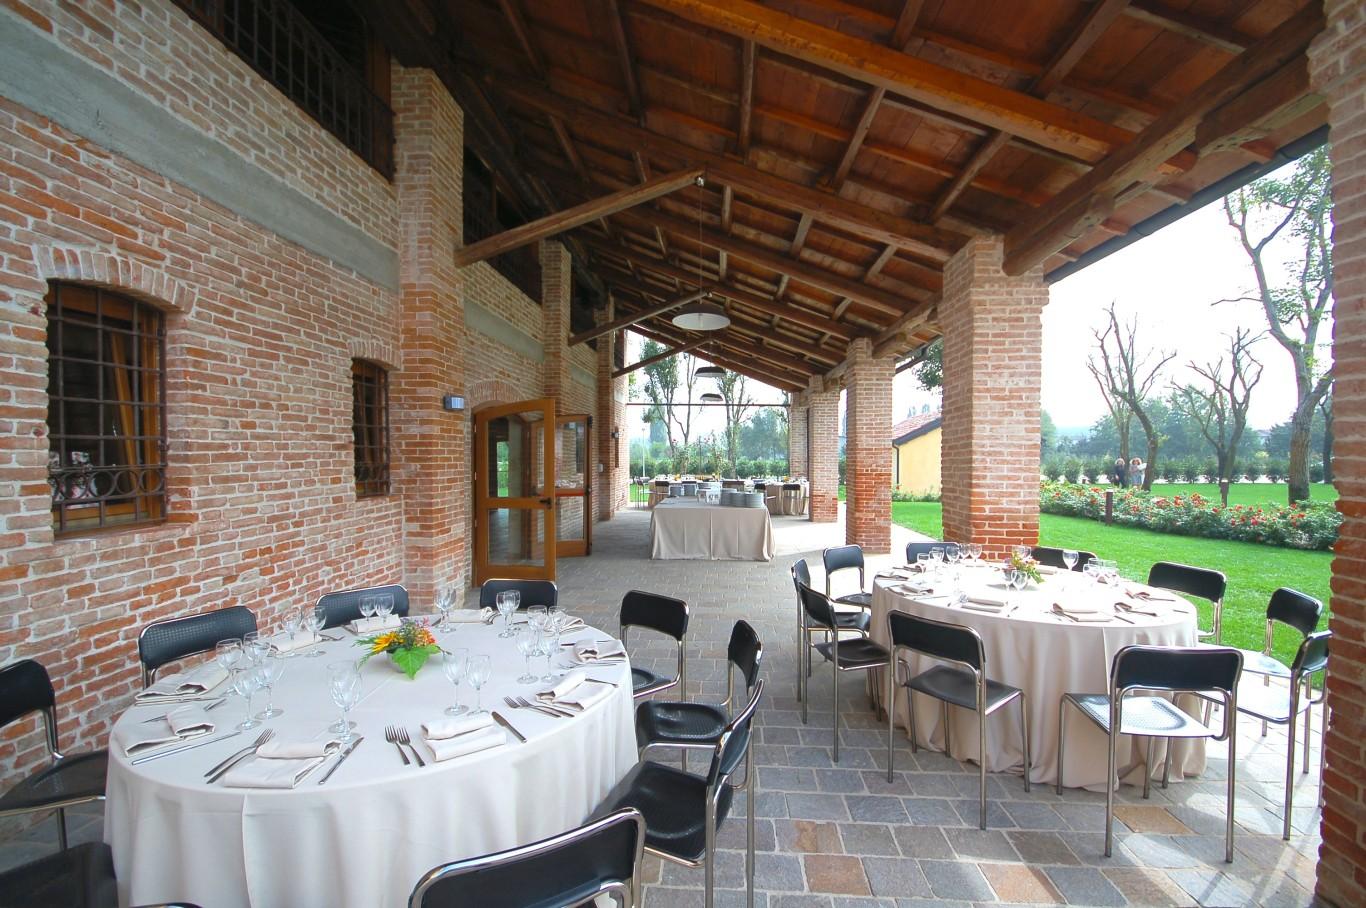 Location Per Feste Private Padova5